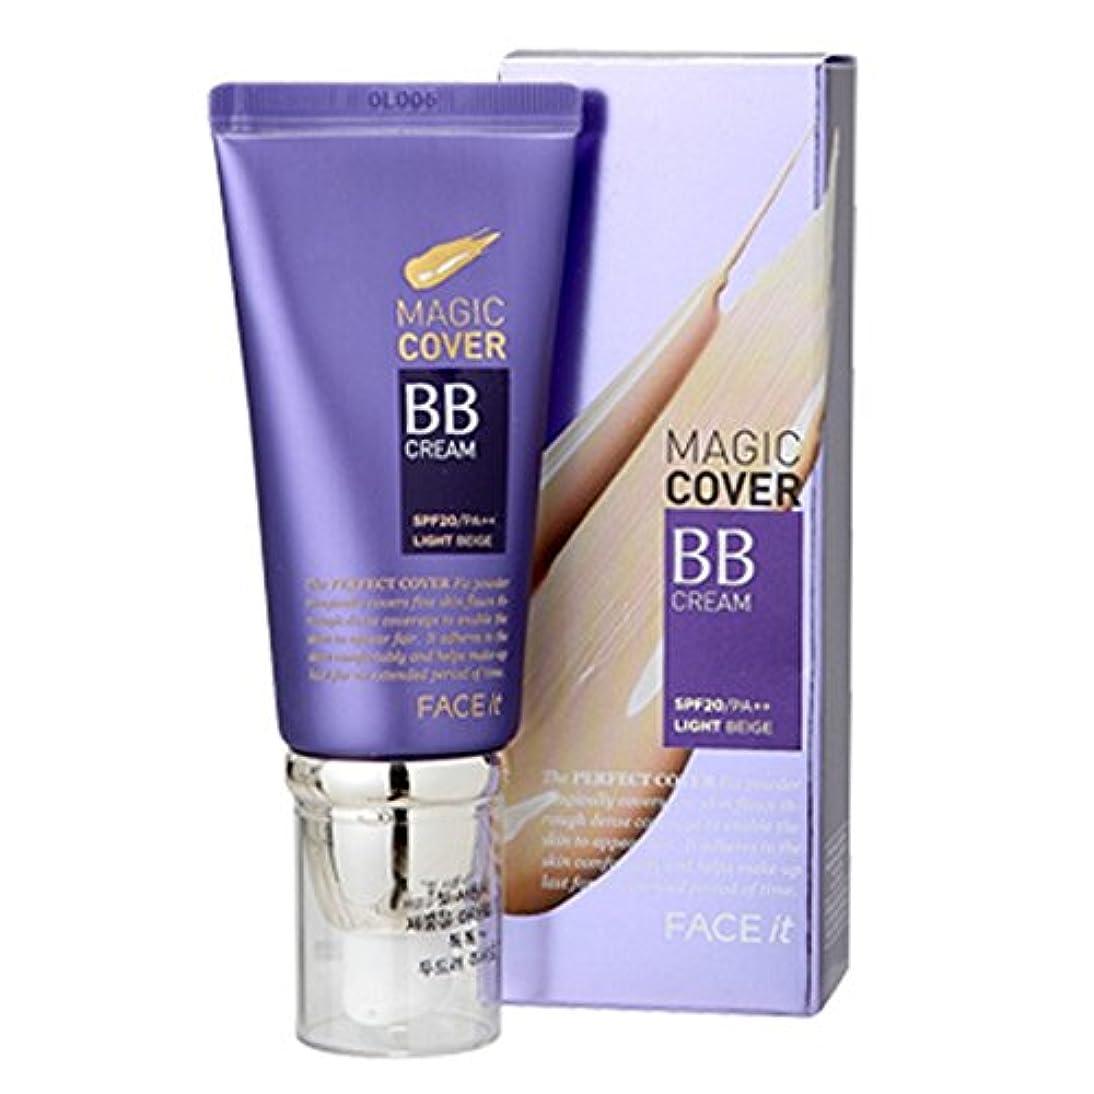 信念純度アマチュアザフェイスショップ The Face Shop Face It Magic Cover BB Cream 45ml (02 Natural Beige)